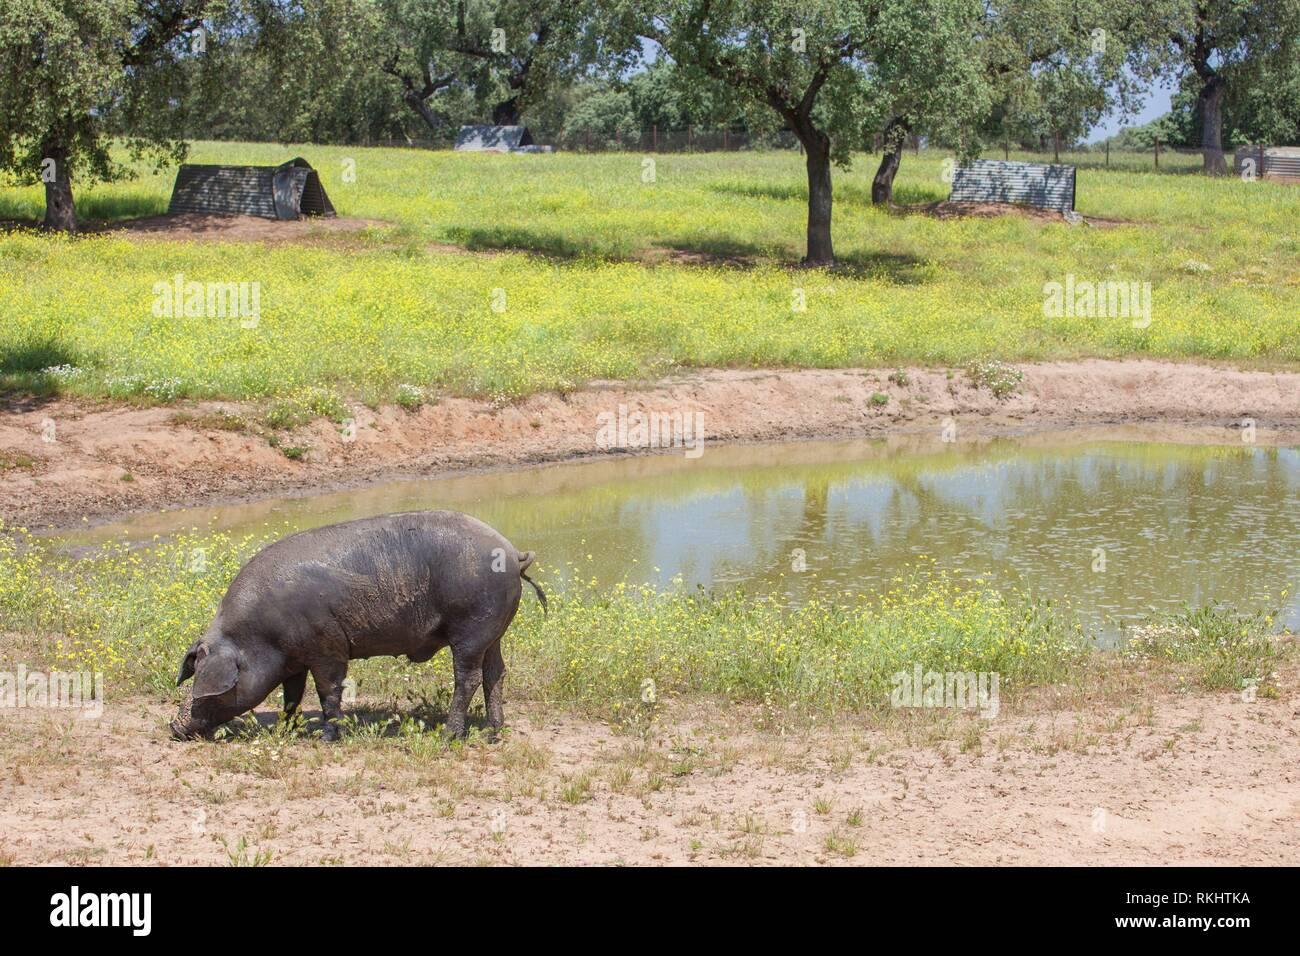 Osciló freeley negro de cerdo ibérico en primavera. Glabro, la raza de cerdo ibérico. Extremadura, España. Foto de stock